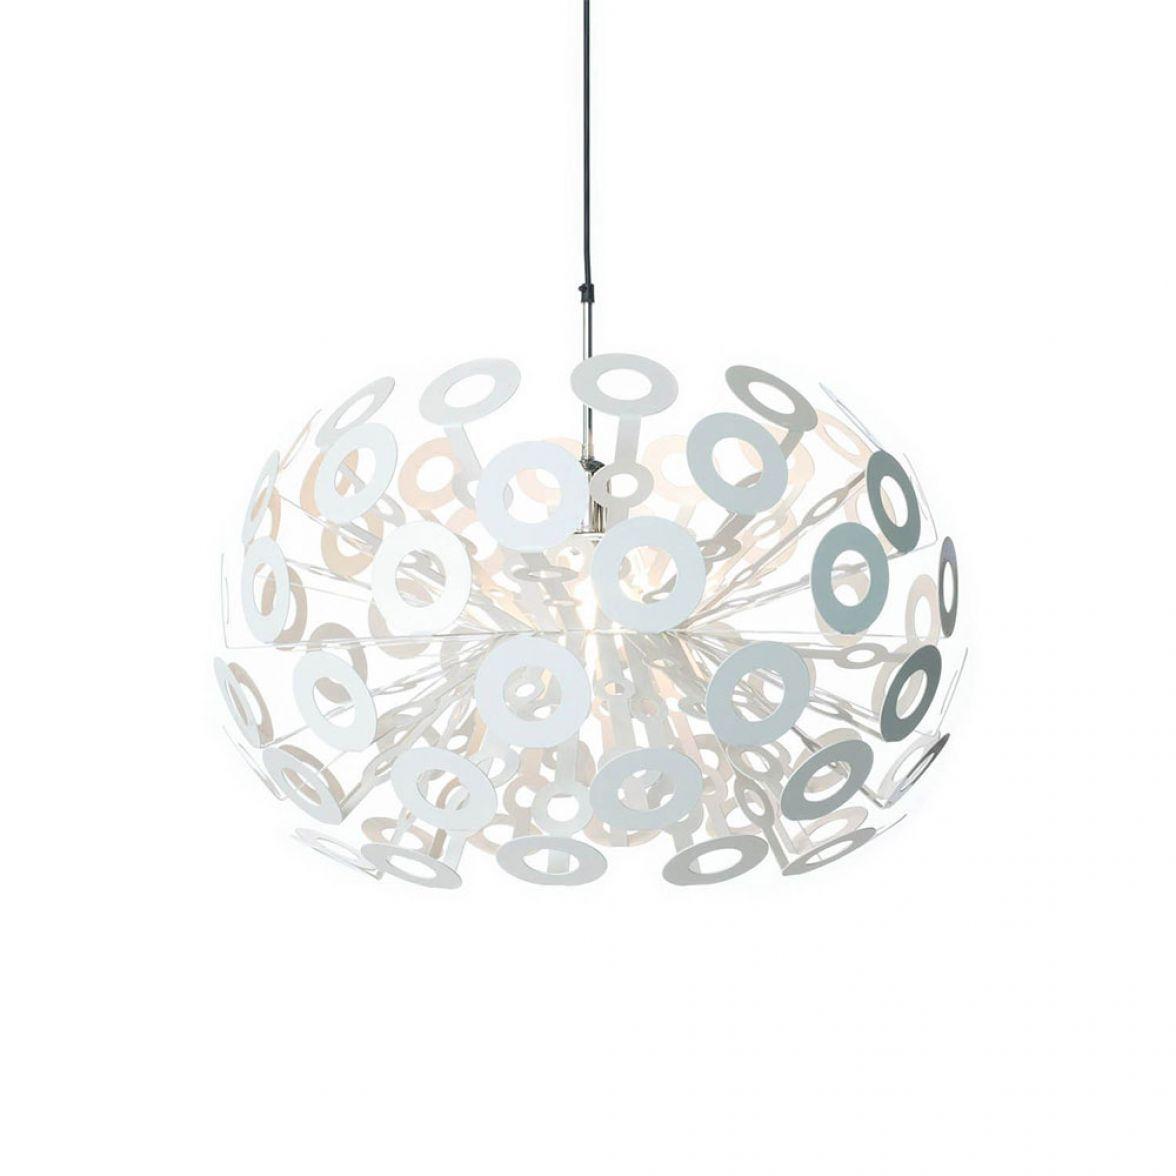 Подвесной светильник Dandelion фото цена